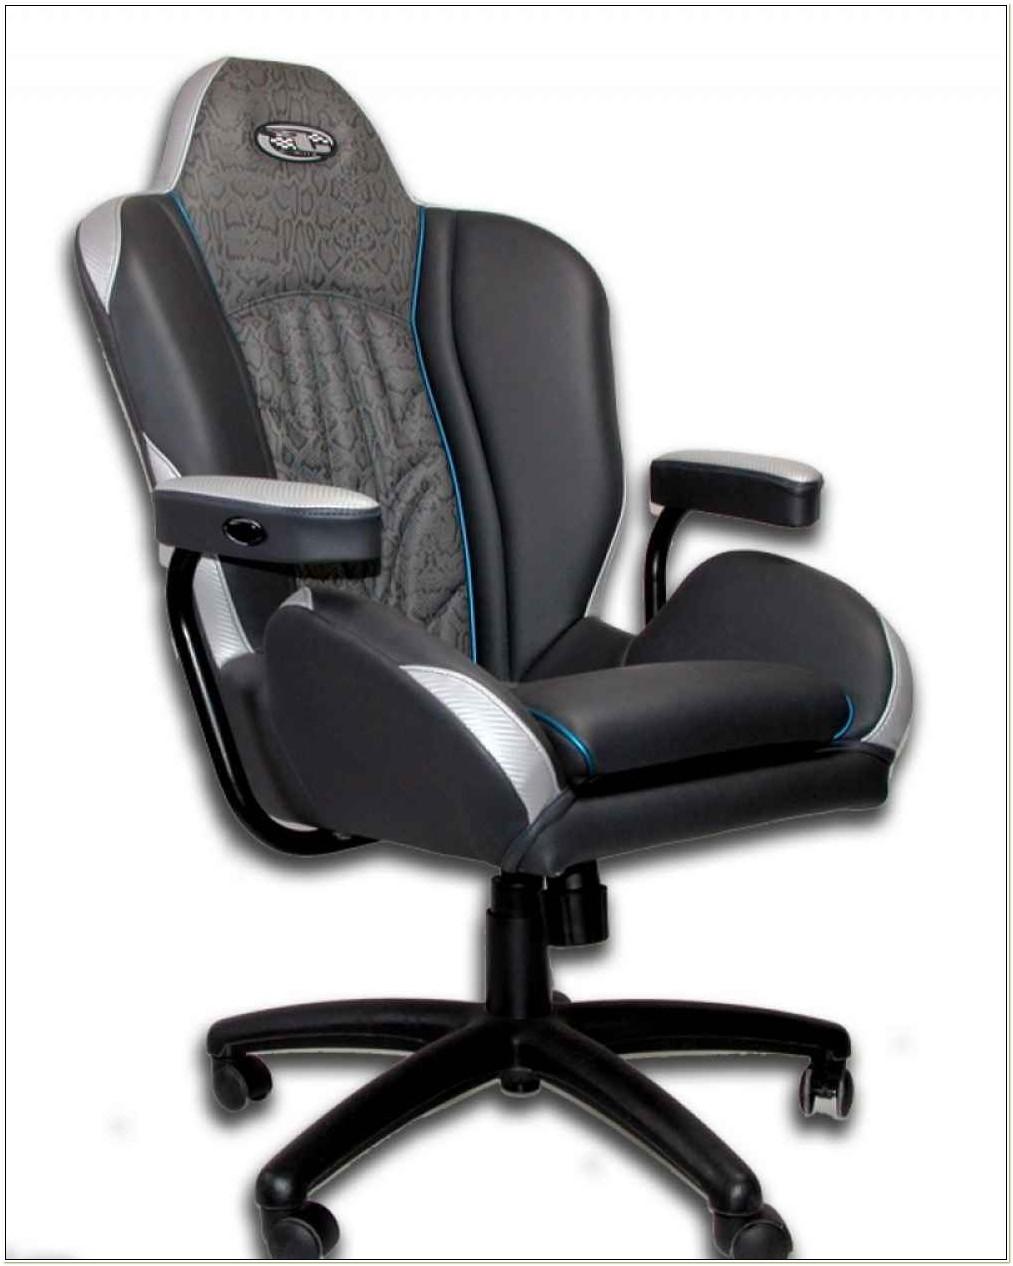 Office Chair Cushions At Walmart